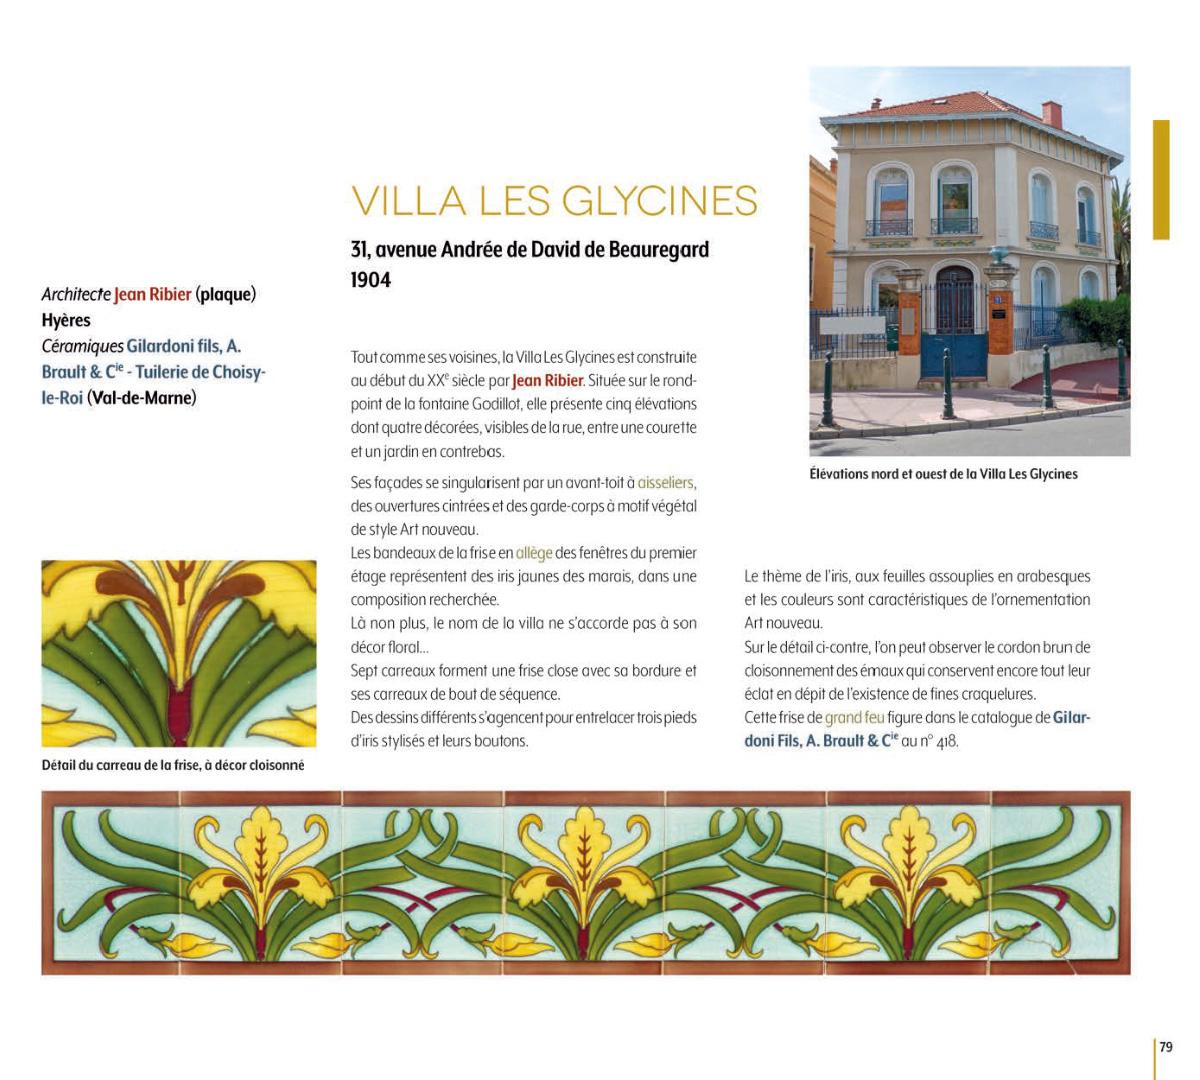 Villa Les Glycines, Hyères, architecte Jean Ribier, céramiques Gilardoni fils A. Brault & Cie